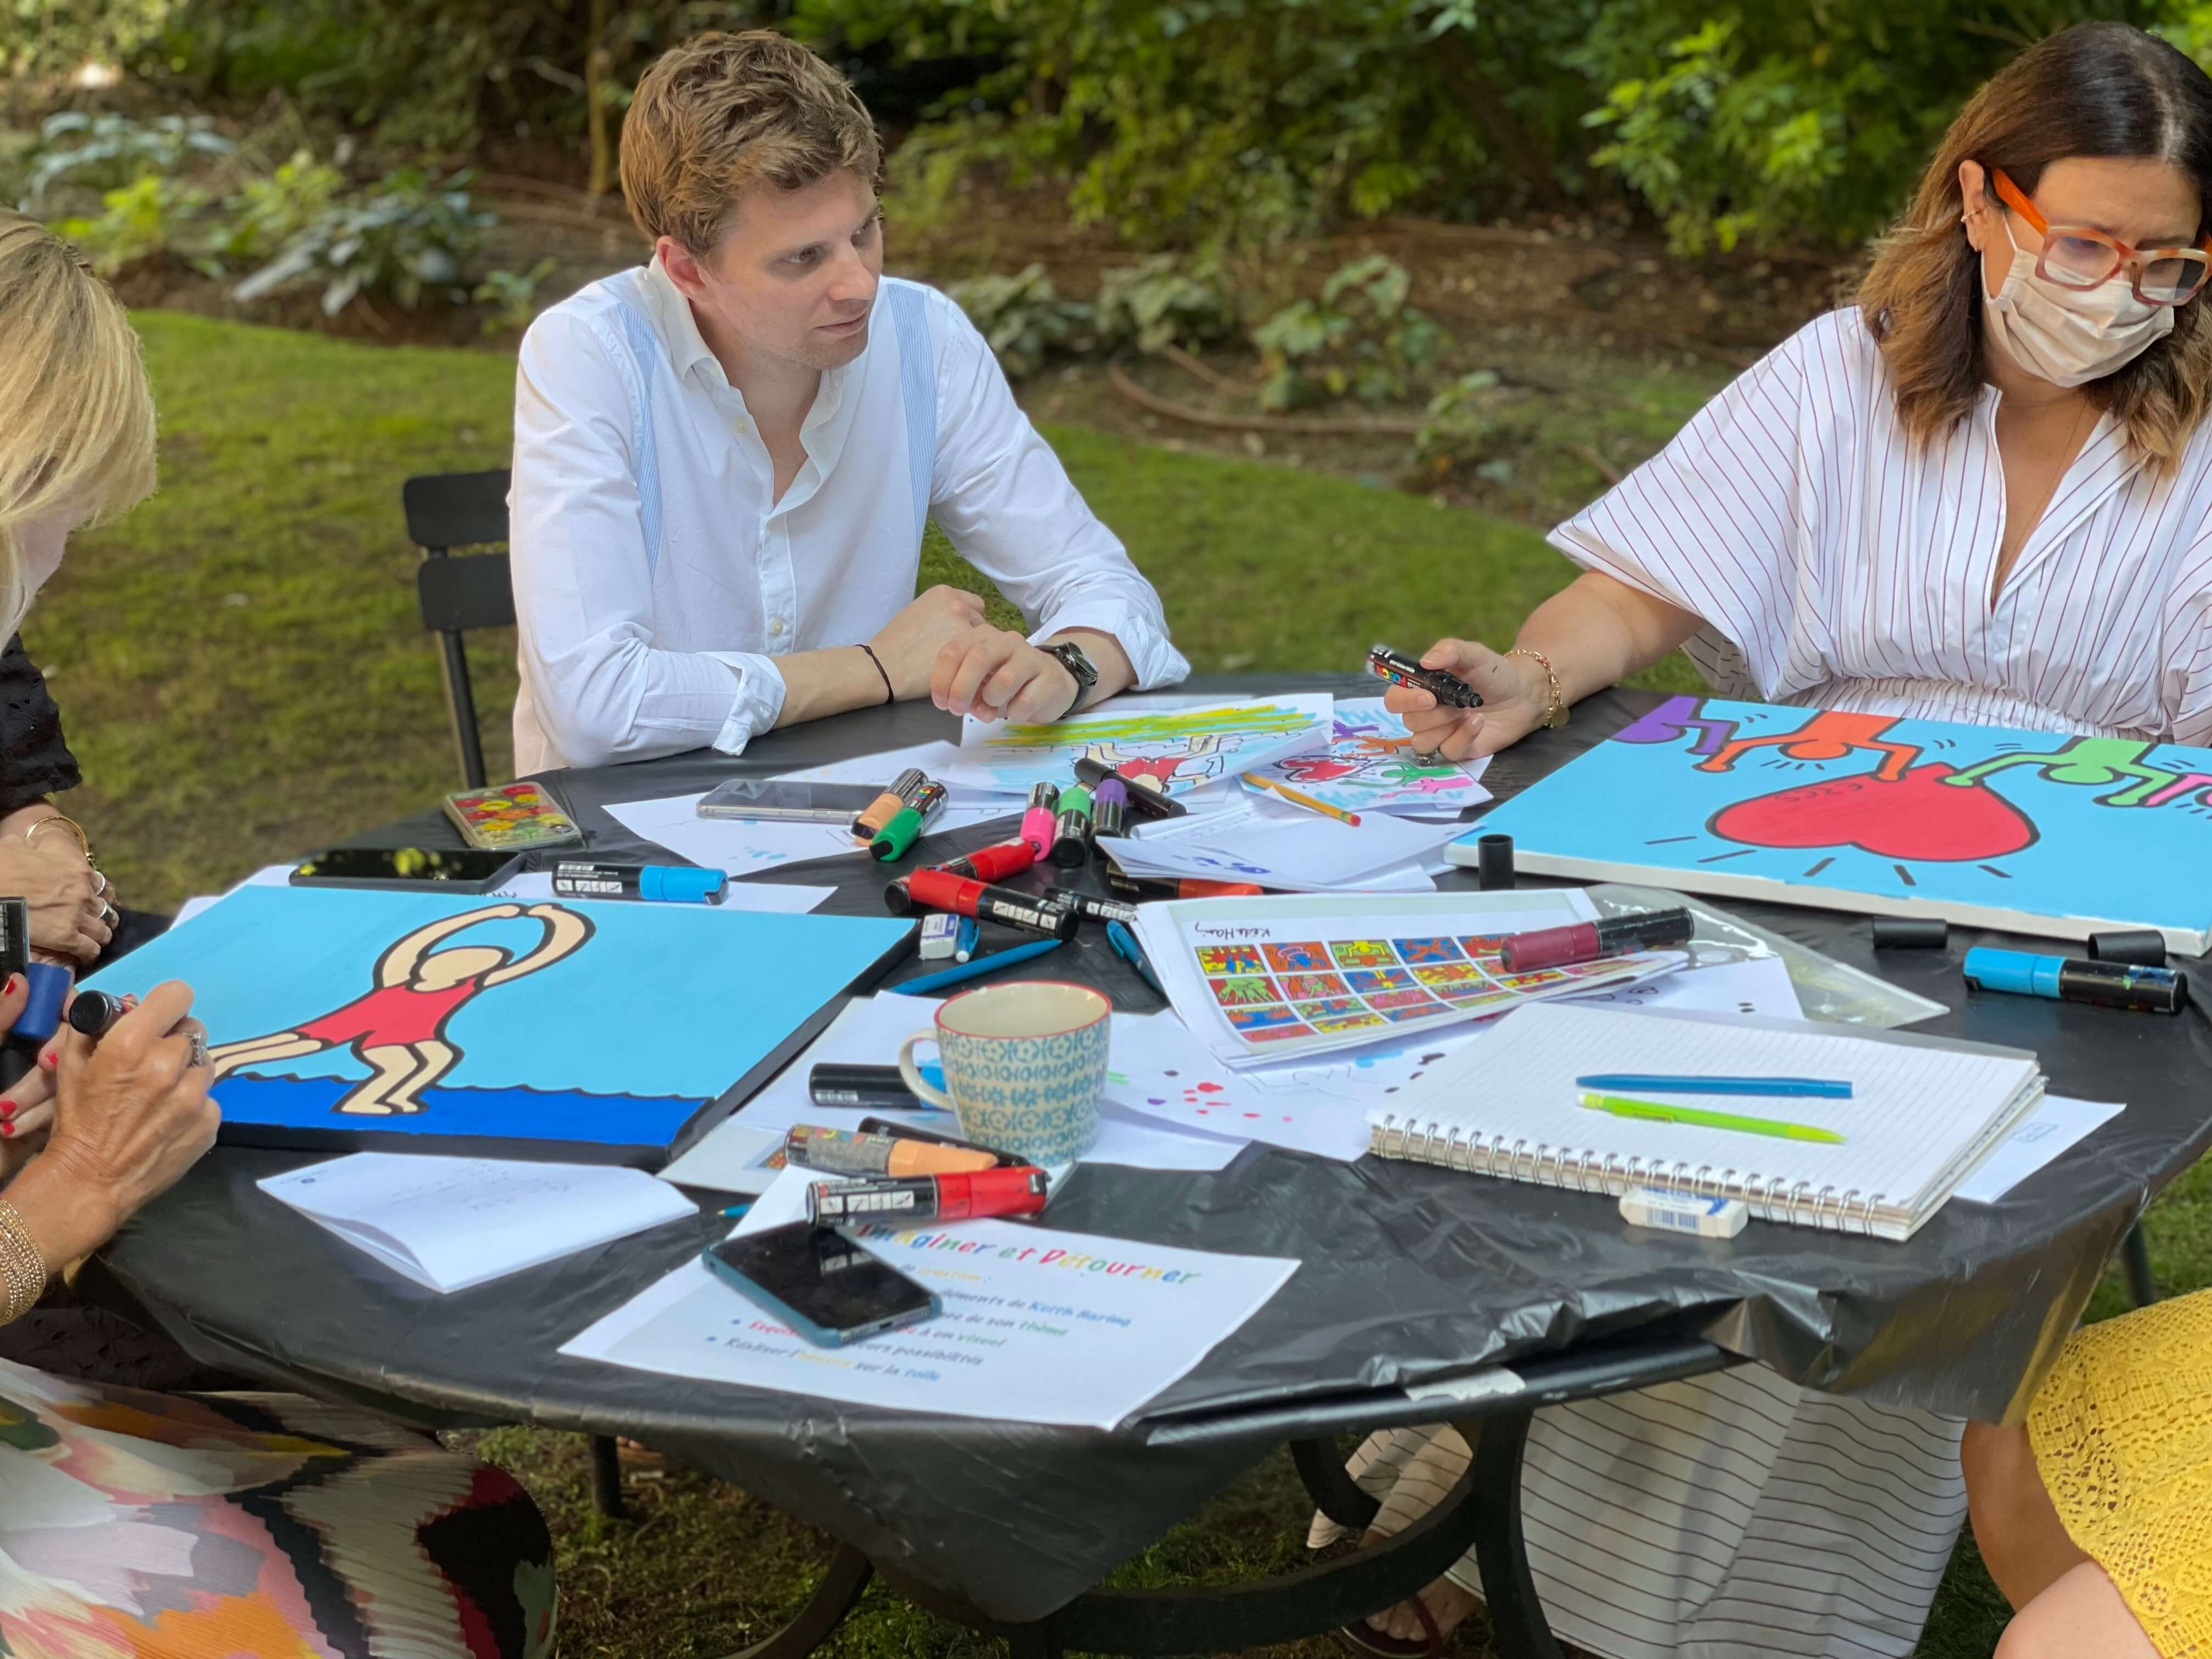 Brainstorming sur toile lors d'un team building artistique à Paris